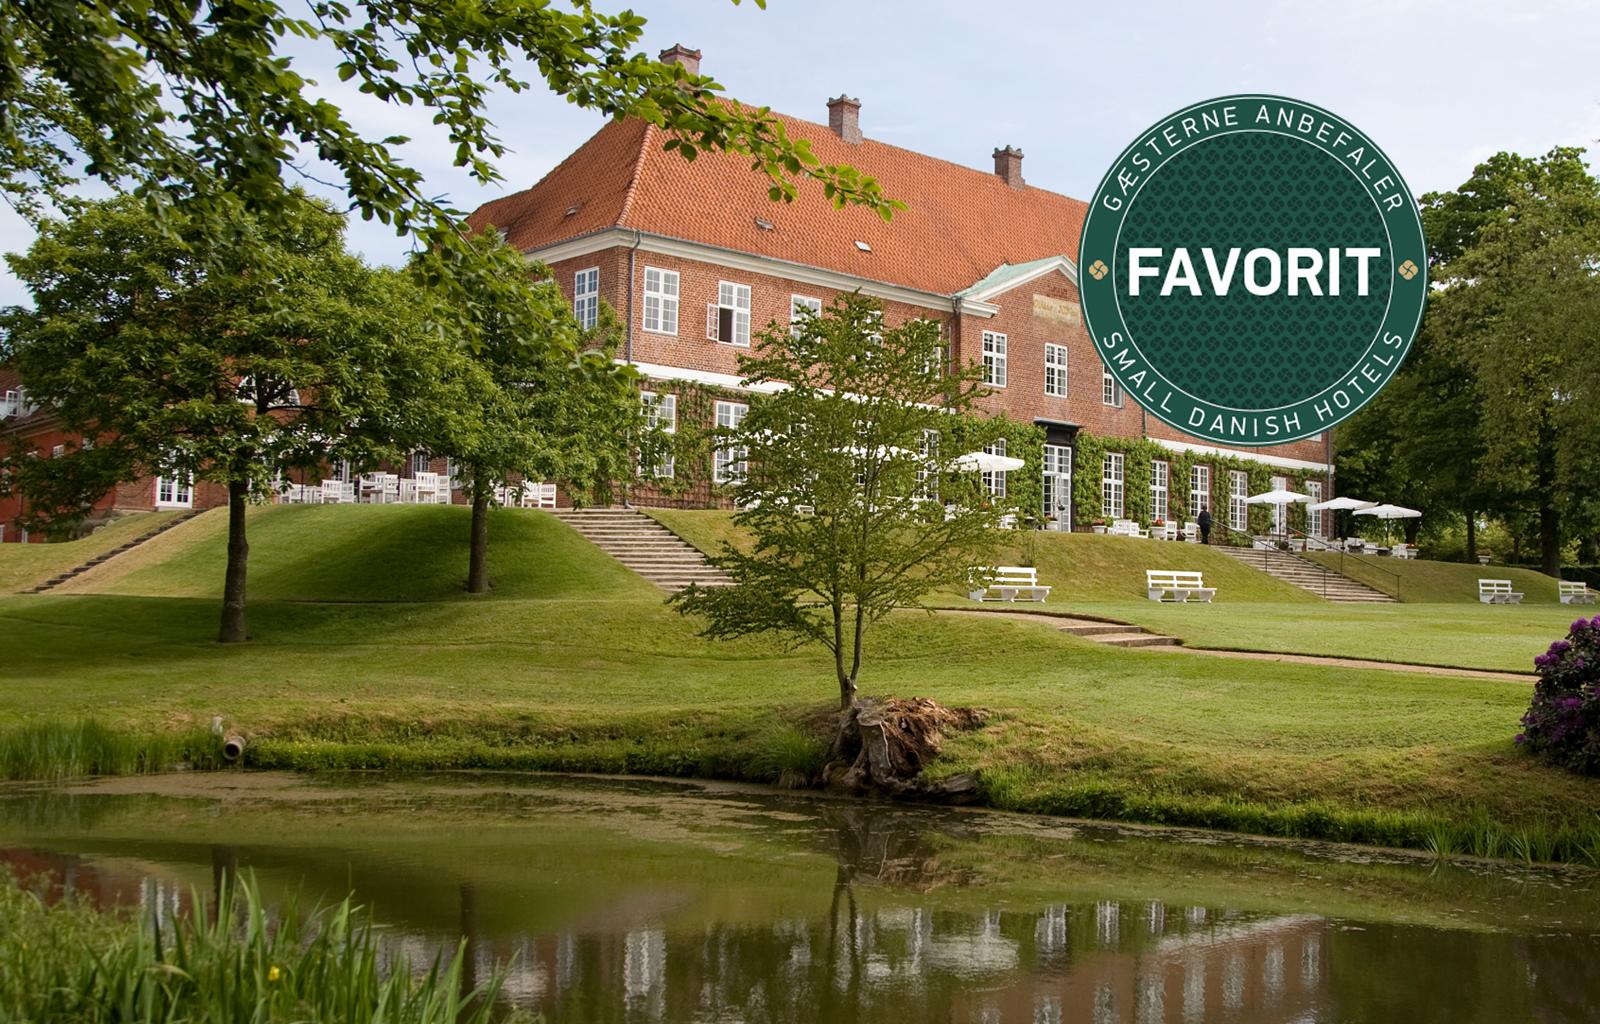 Hotel in Denmark  fcf4831210